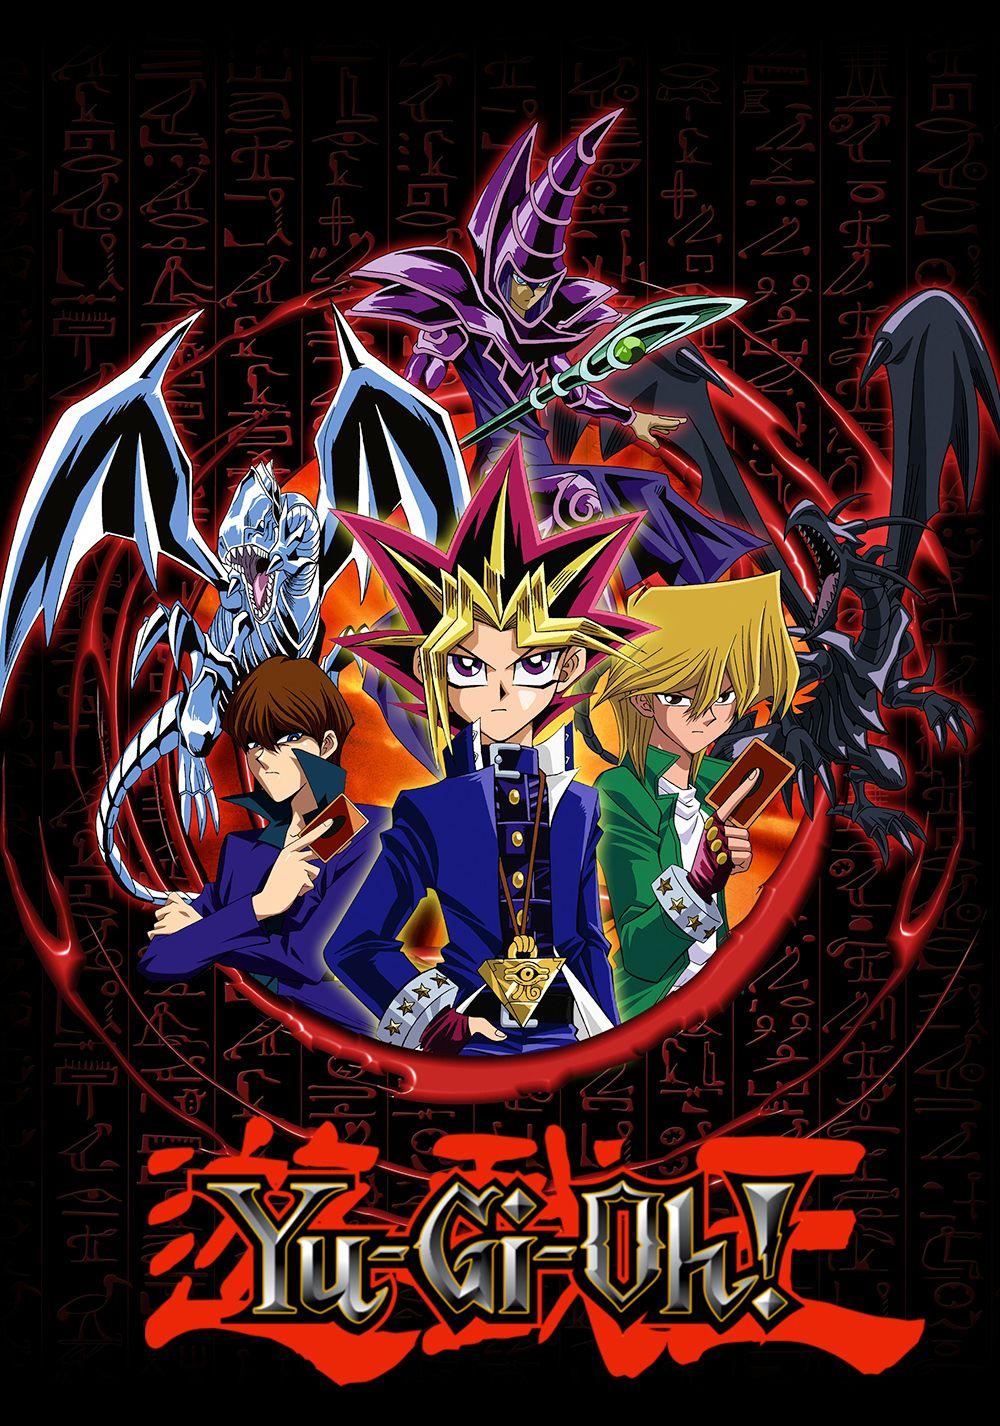 monster anime episodes online